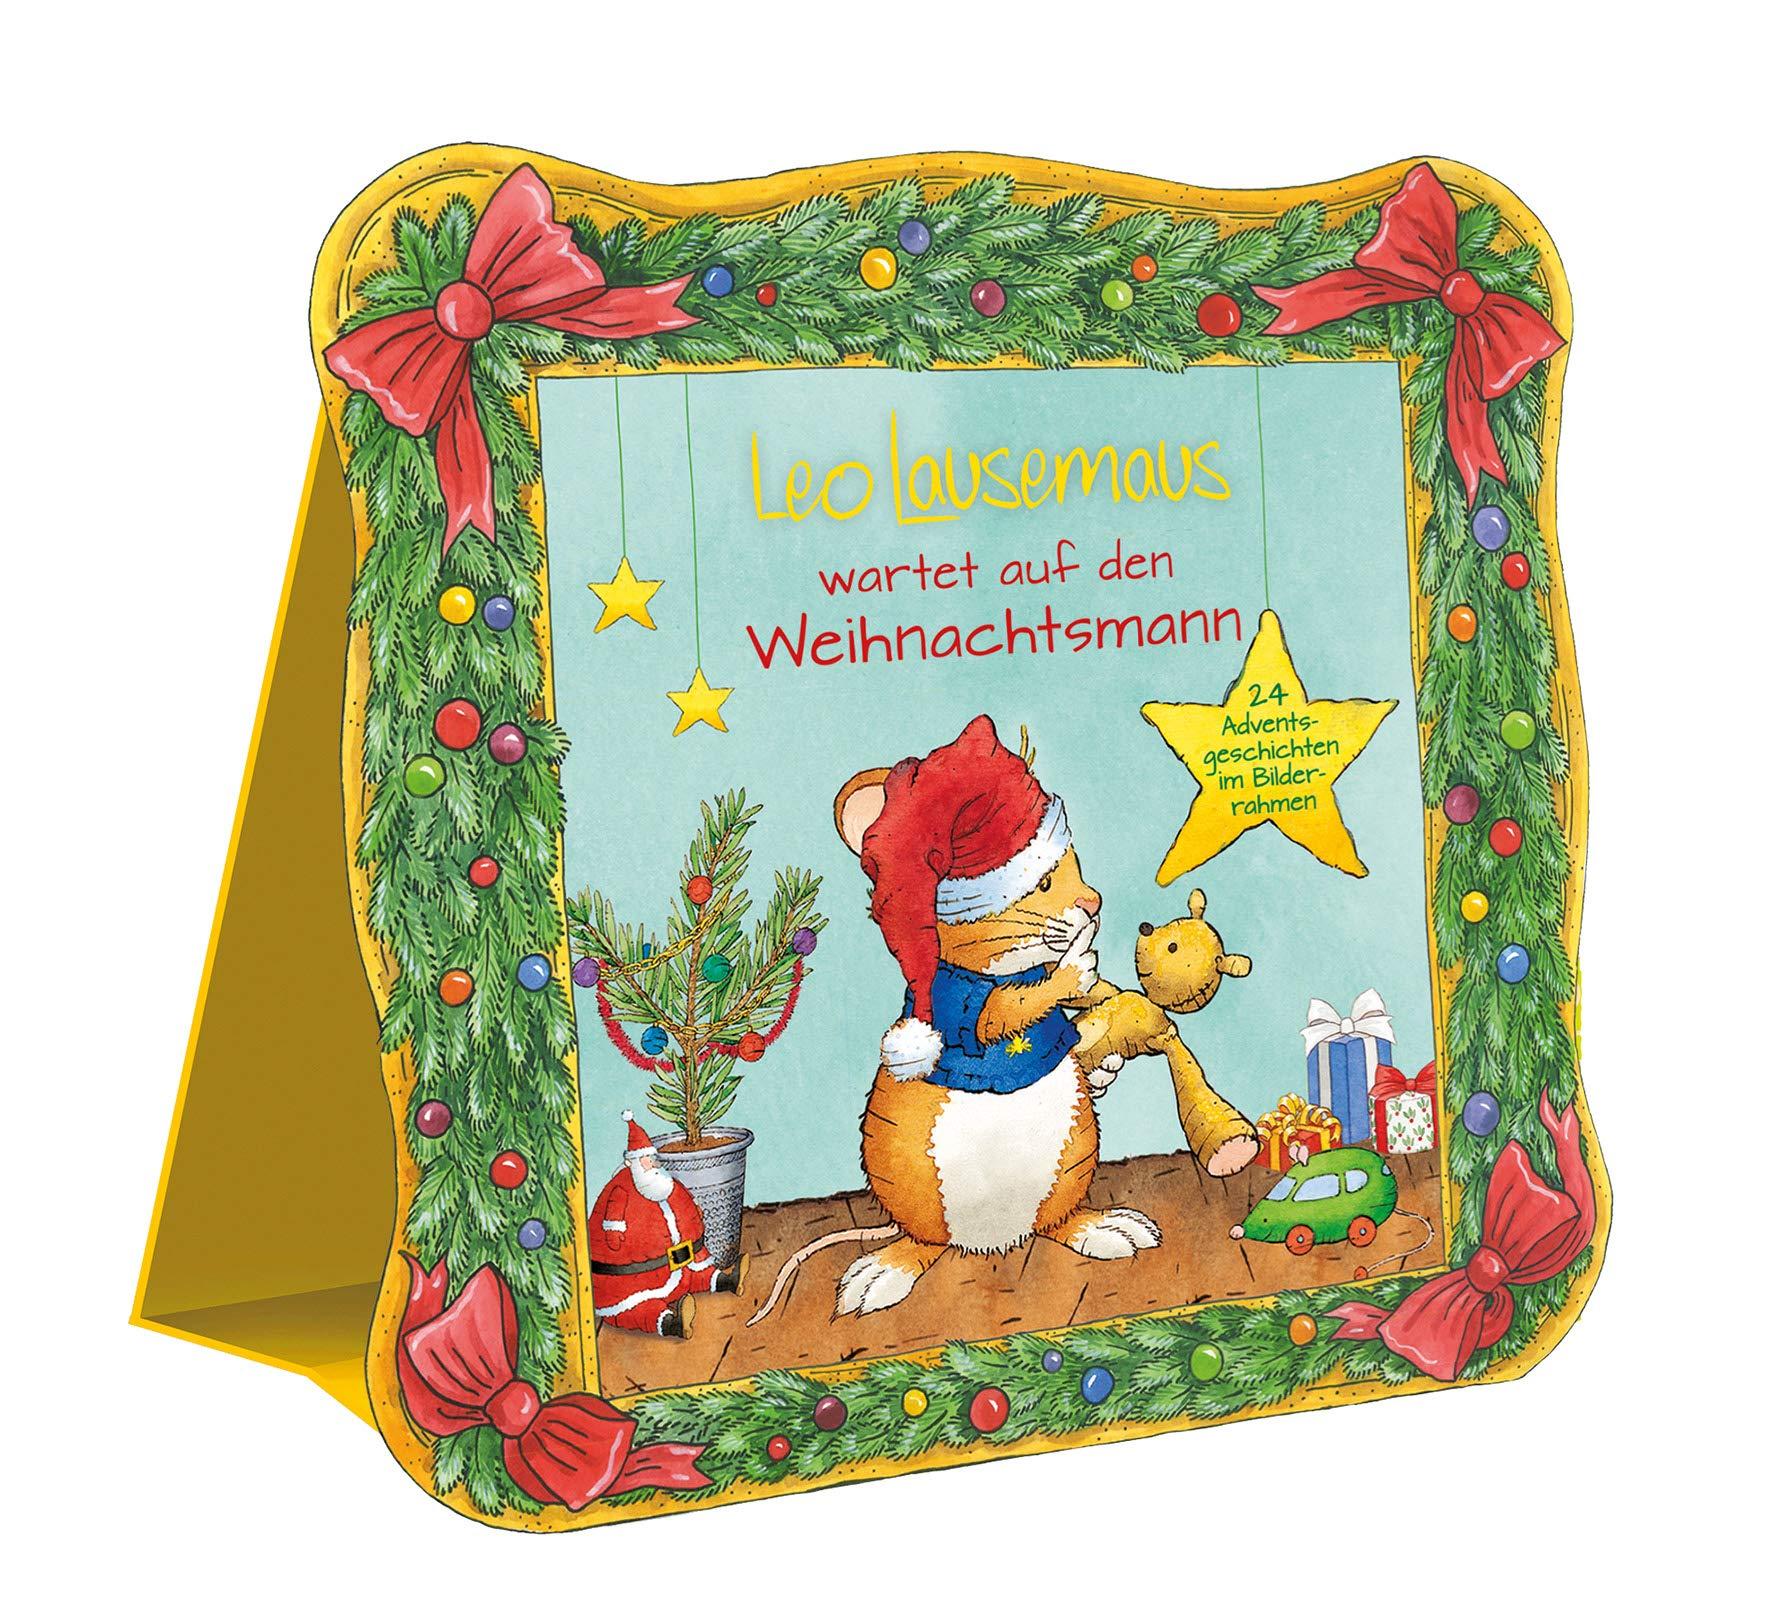 Adventsbox Leo Lausemaus 24 Wiring Library Trailer Harness On Victory Vision Tail Light Diagram Wartet Auf Den Weihnachtsmann Adventsgeschichten Im Bilderrahmen Amazonde